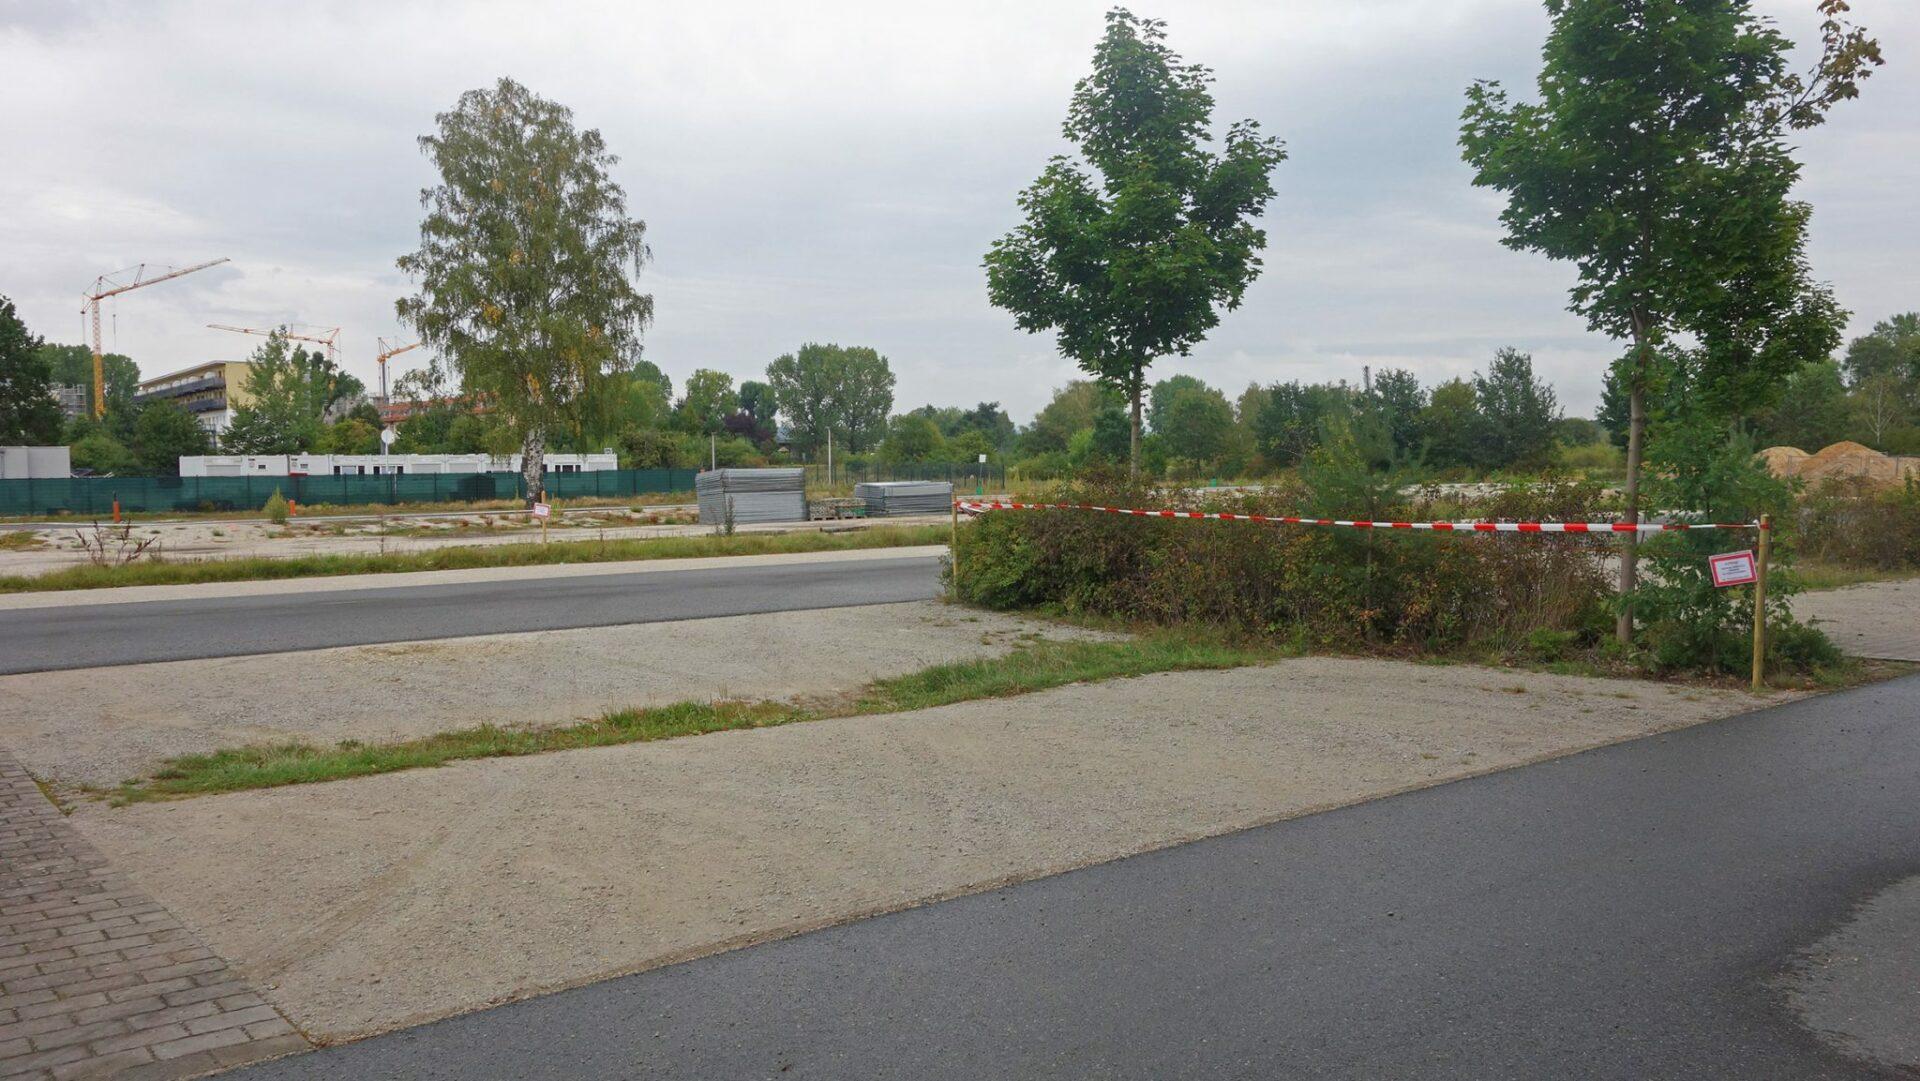 Der hintere Teil des Parkplatzes am Röthelheimbad ist jetzt gesperrt (Foto: Ayko Knisch).